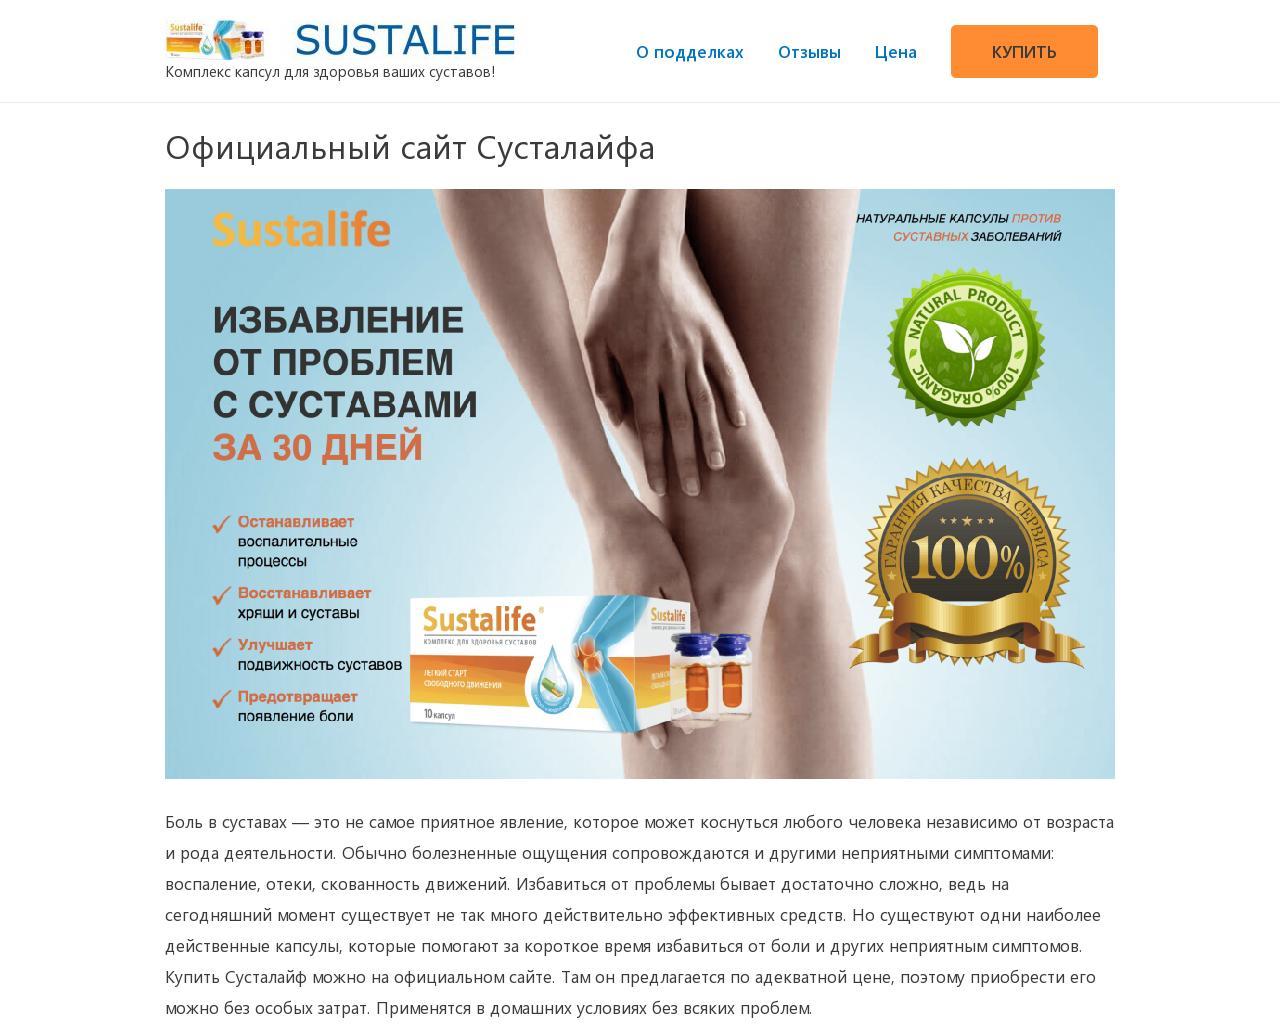 Сусталайф - Sustalife за 147 рублей купить в Губкине